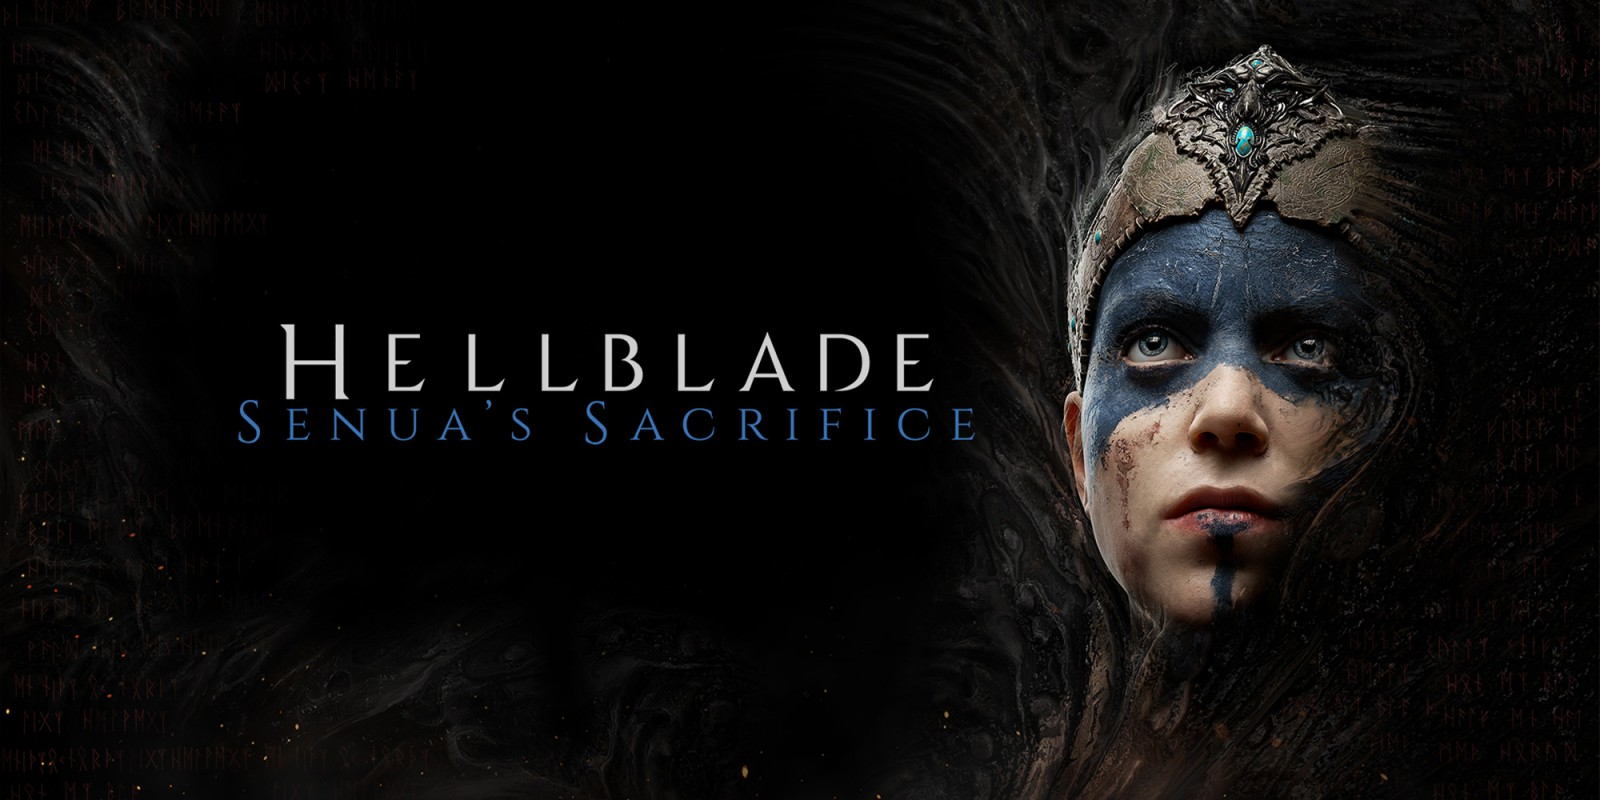 Hellblade: Senua's Sacrifice